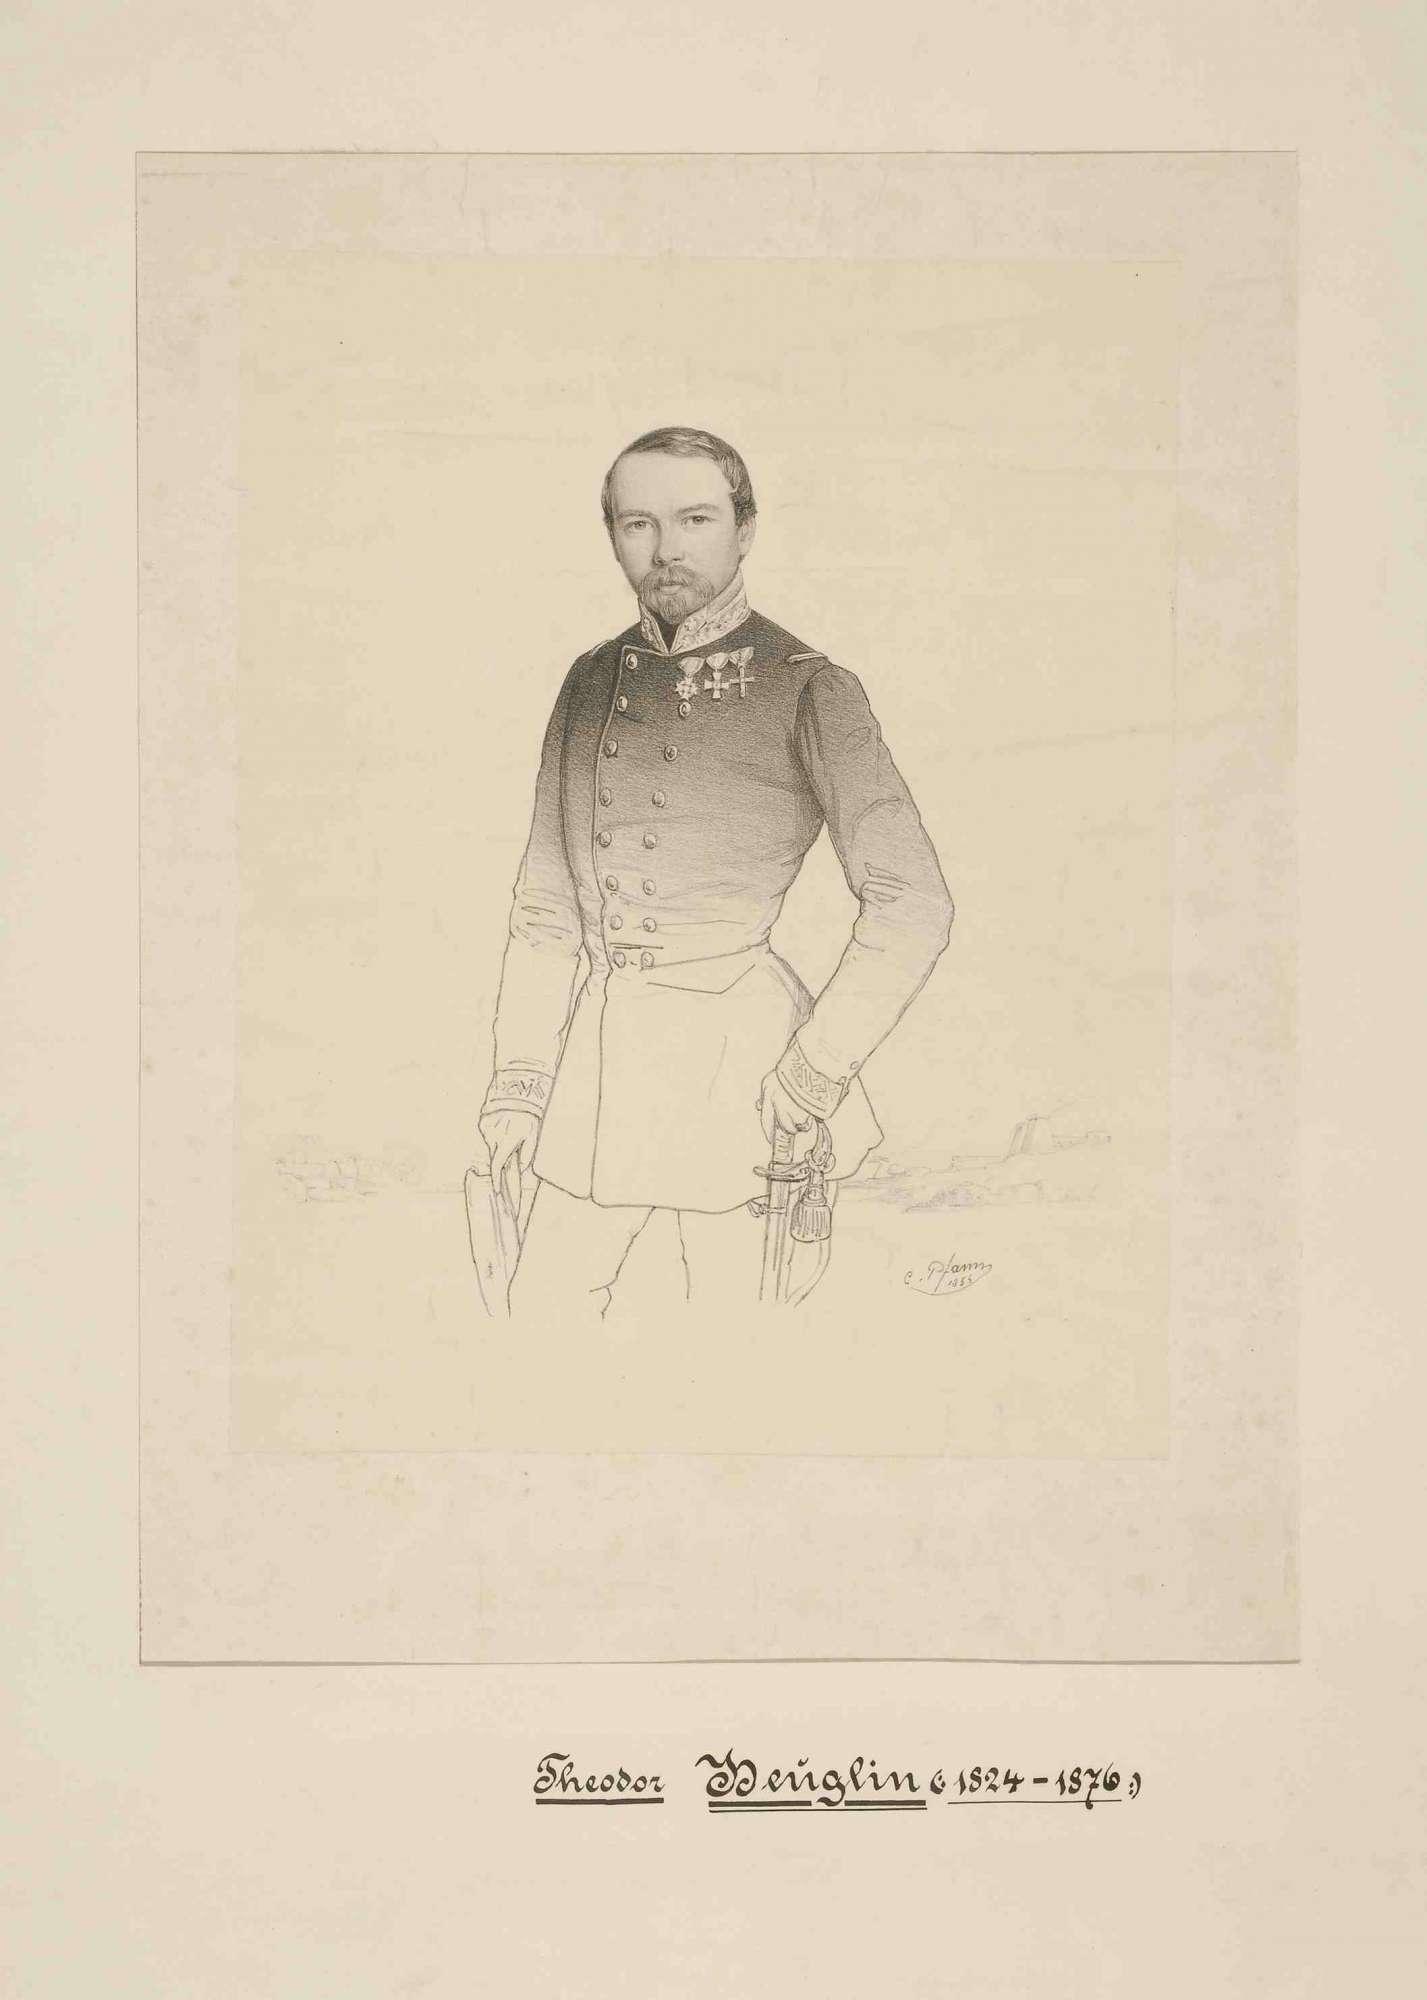 Forschungsreisender Theodor Heuglin vor einer angedeuteten ägyptischen Kulisse stehend, Bild 1